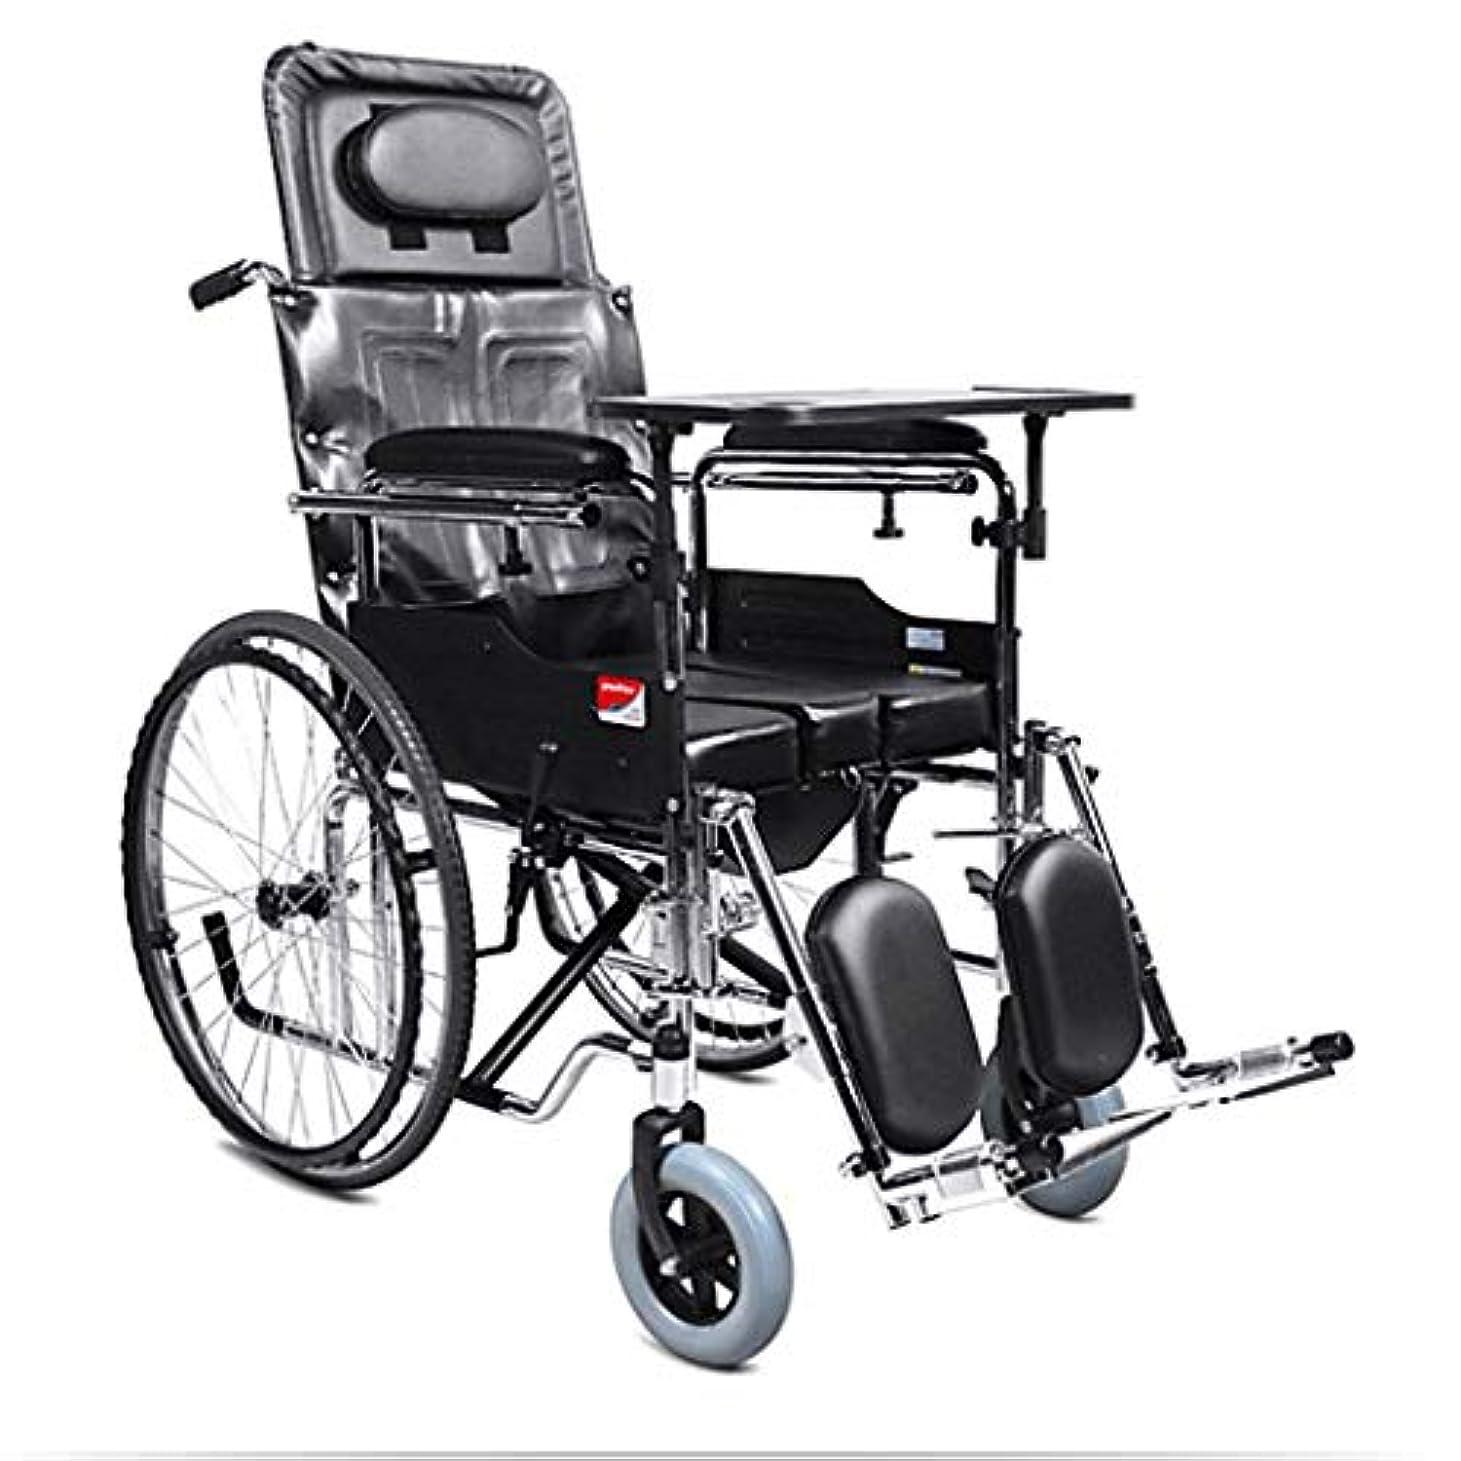 前書き軍隊乗算車椅子折りたたみ式、ポータブル高齢者屋外旅行トロリー、アルミフレーム車椅子